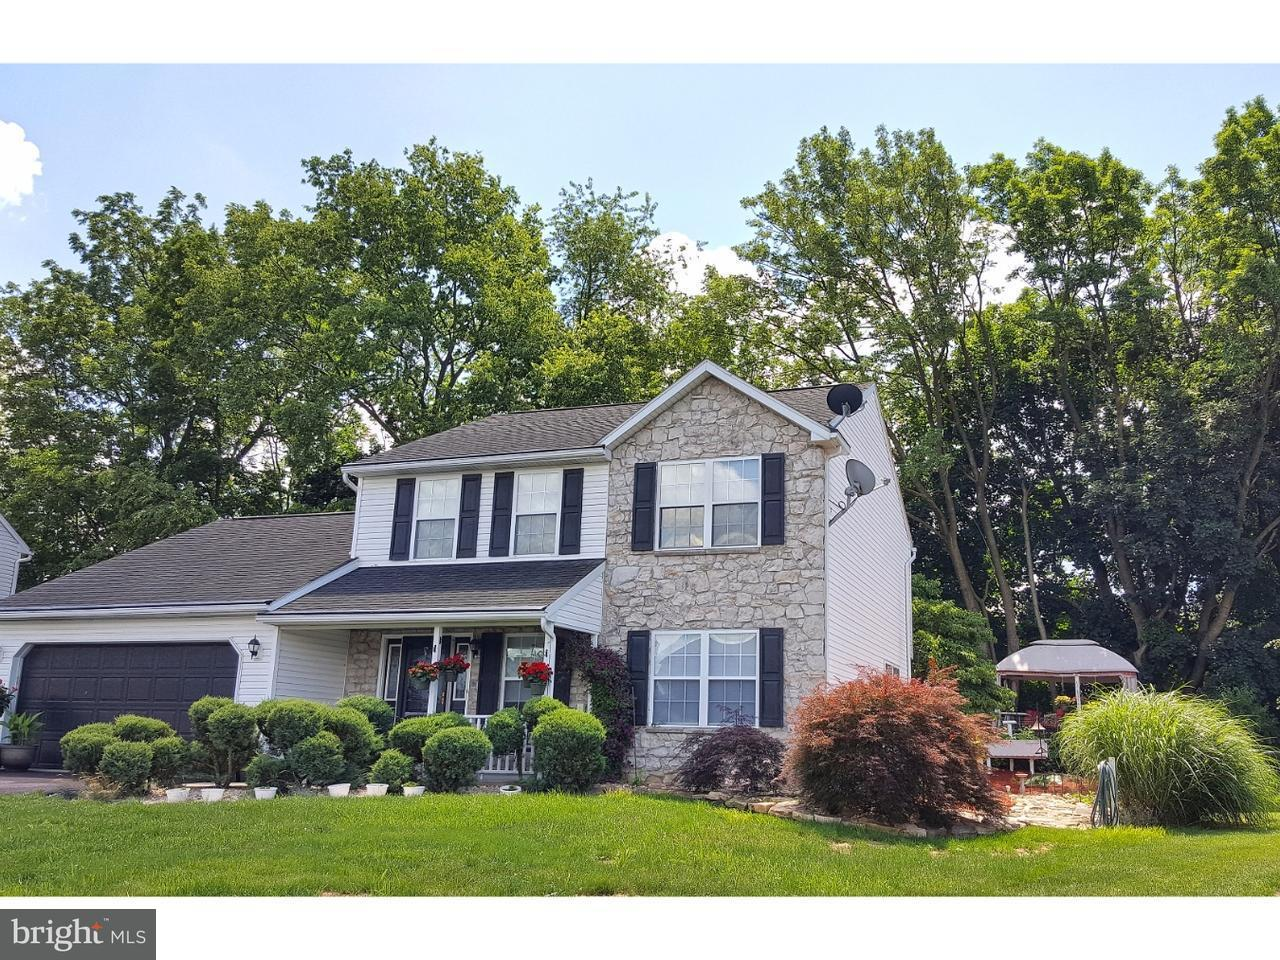 Частный односемейный дом для того Продажа на 119 CORNERSTONE Drive Blandon, Пенсильвания 19510 Соединенные Штаты